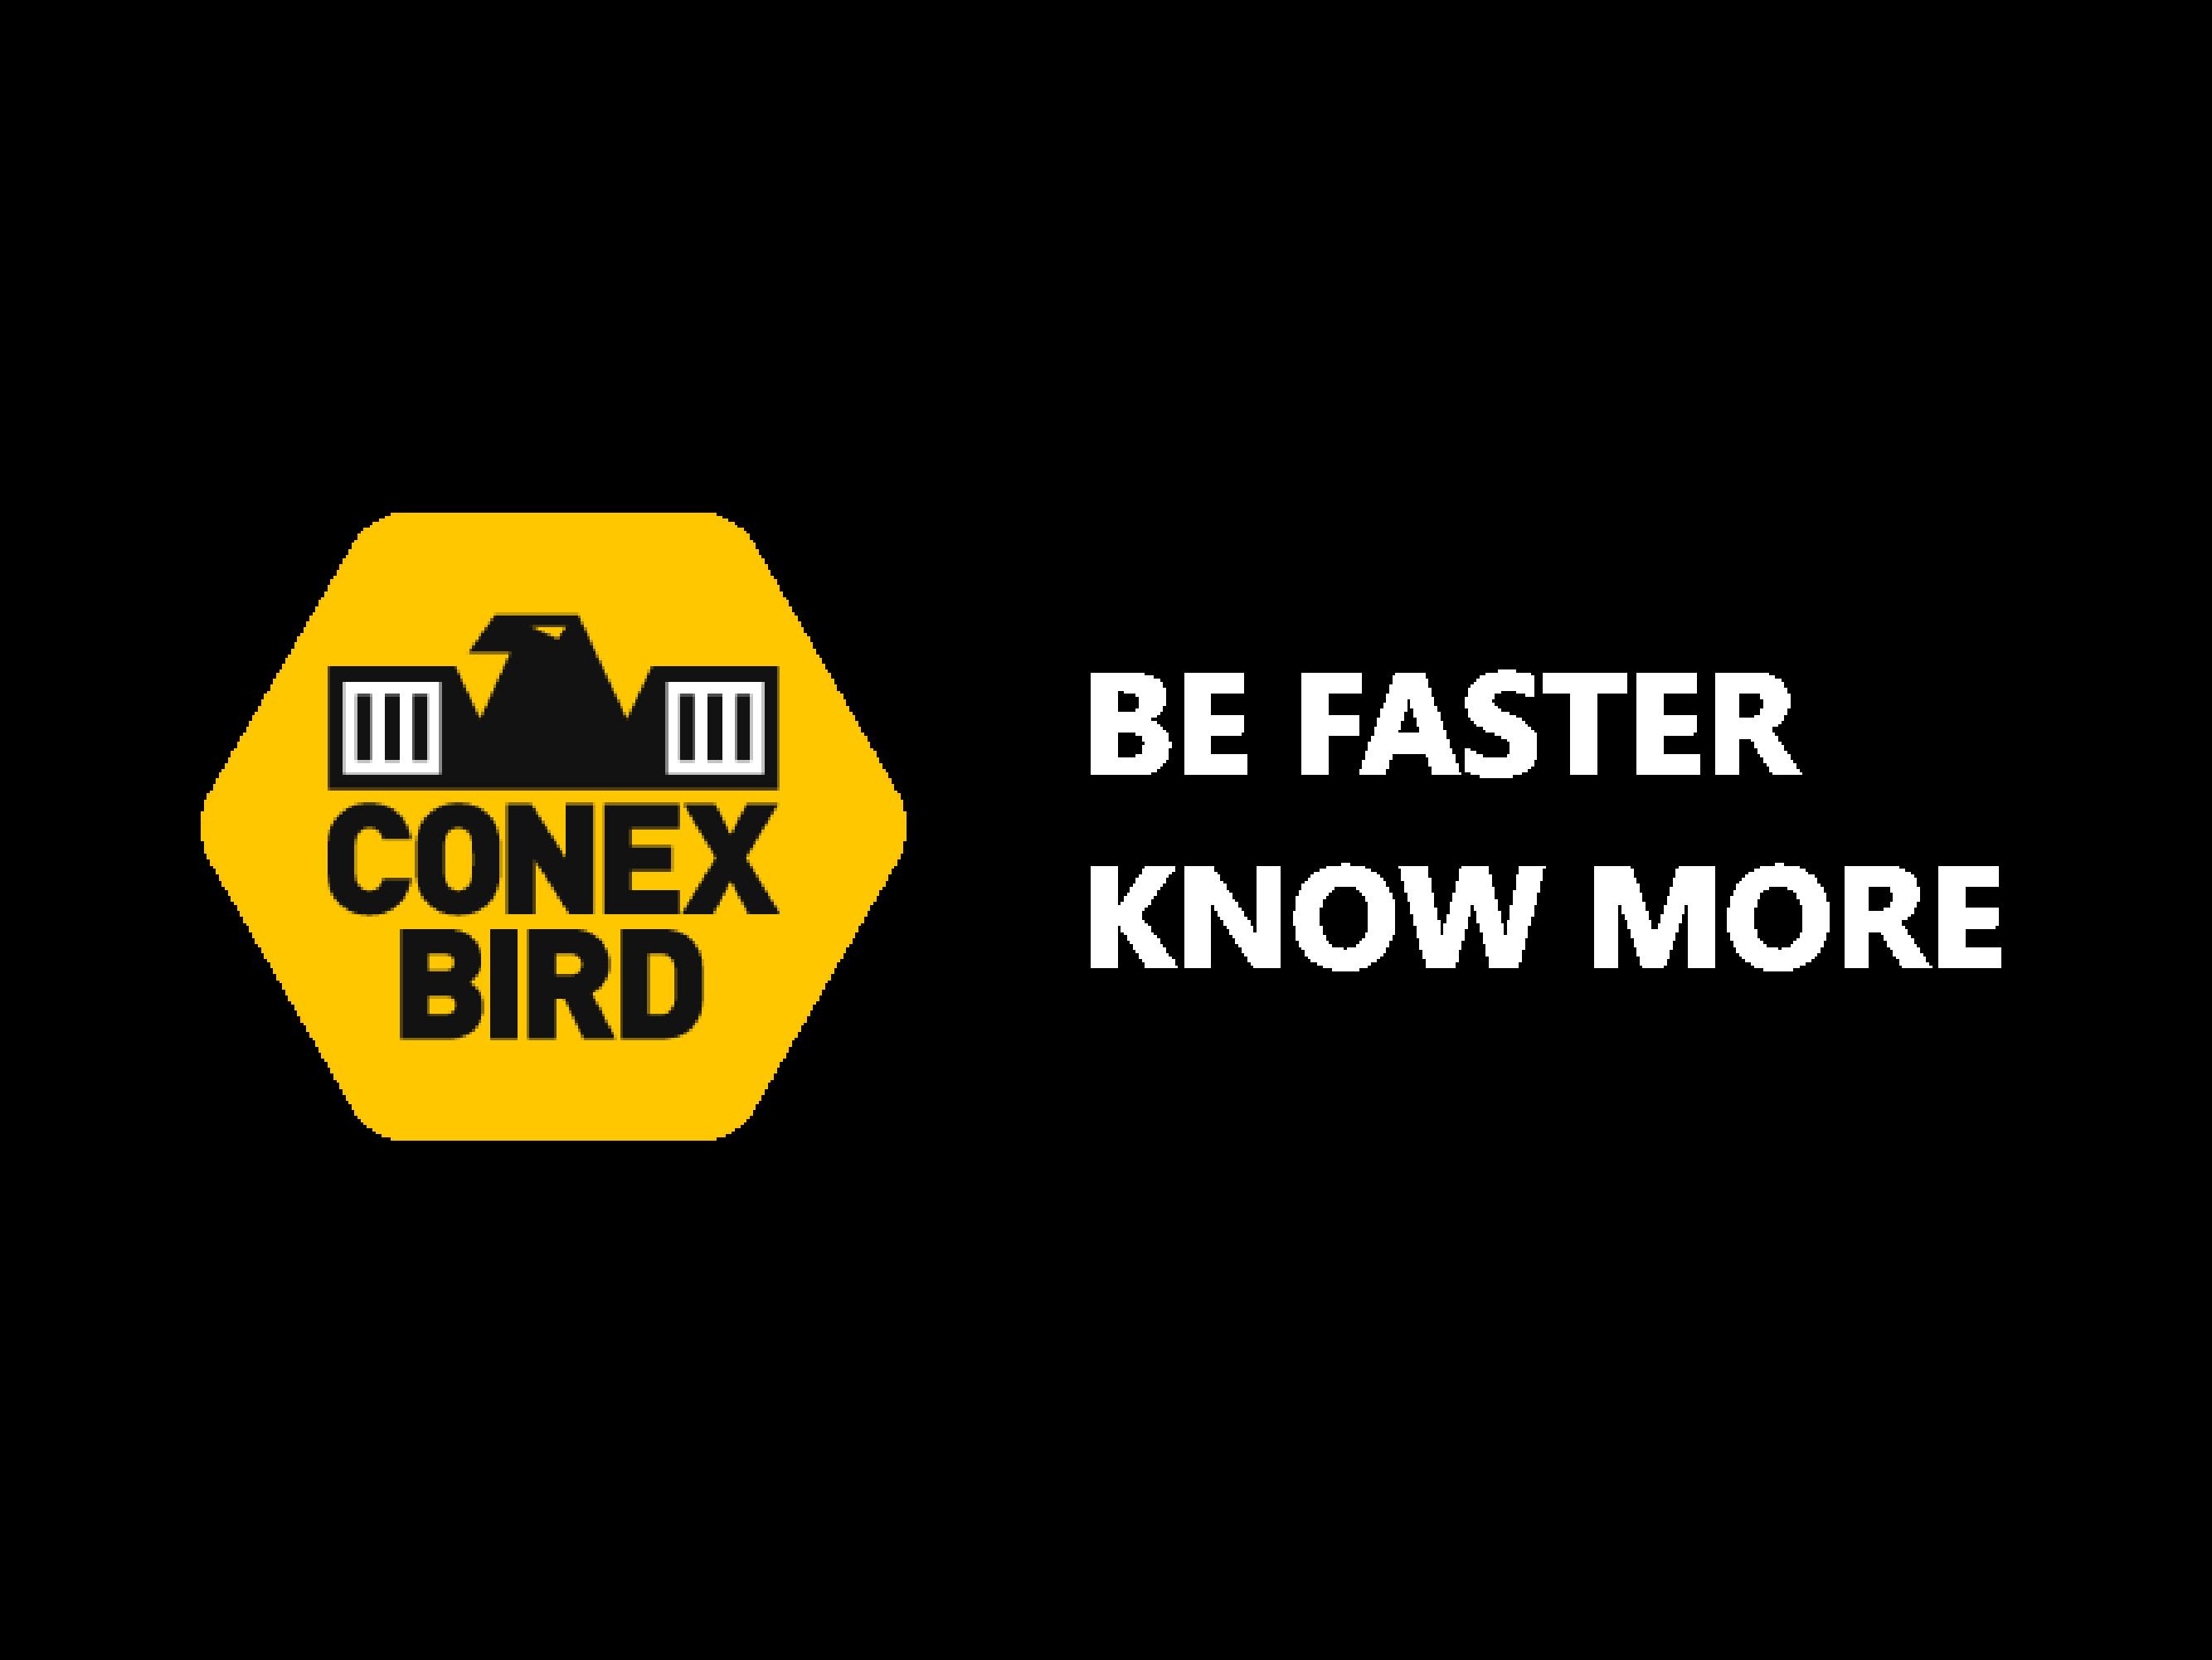 conexbird-1-10